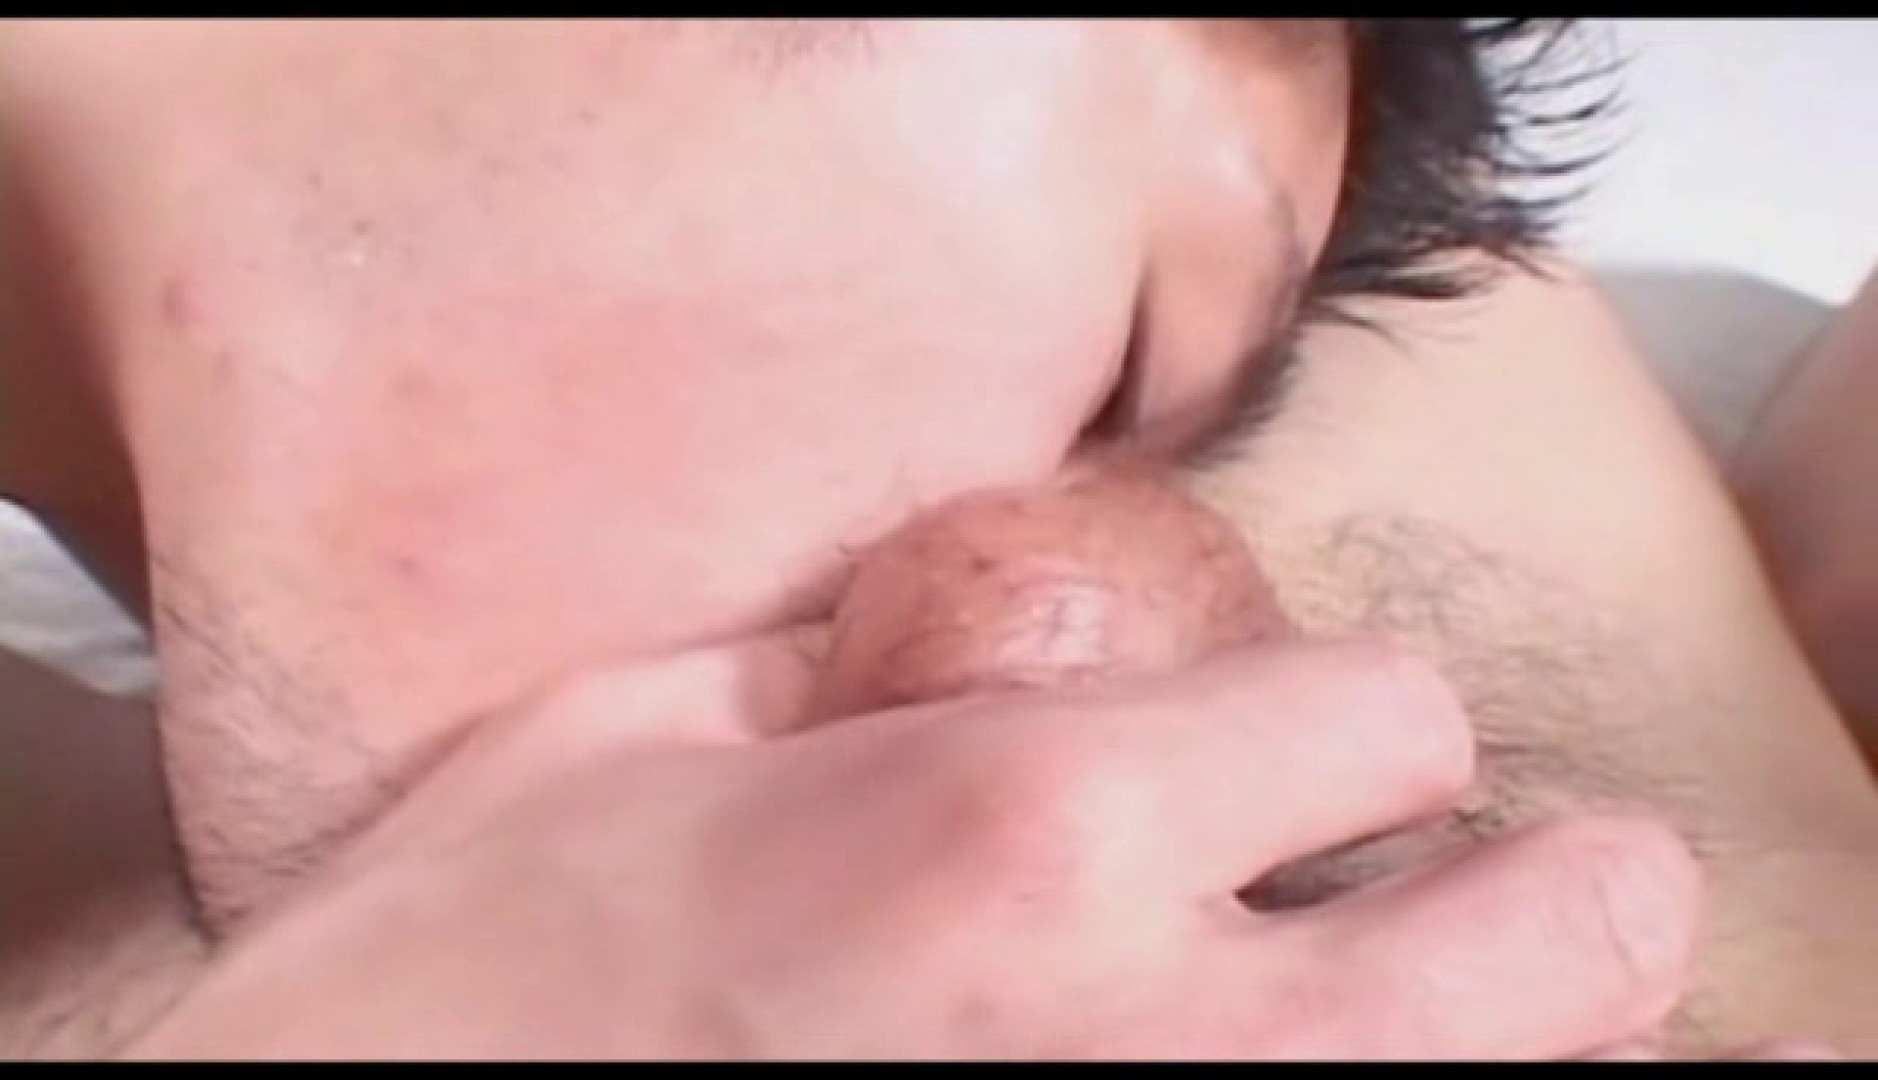 イケメンダブルス!Vol.06 フェラ ゲイ素人エロ画像 108枚 58